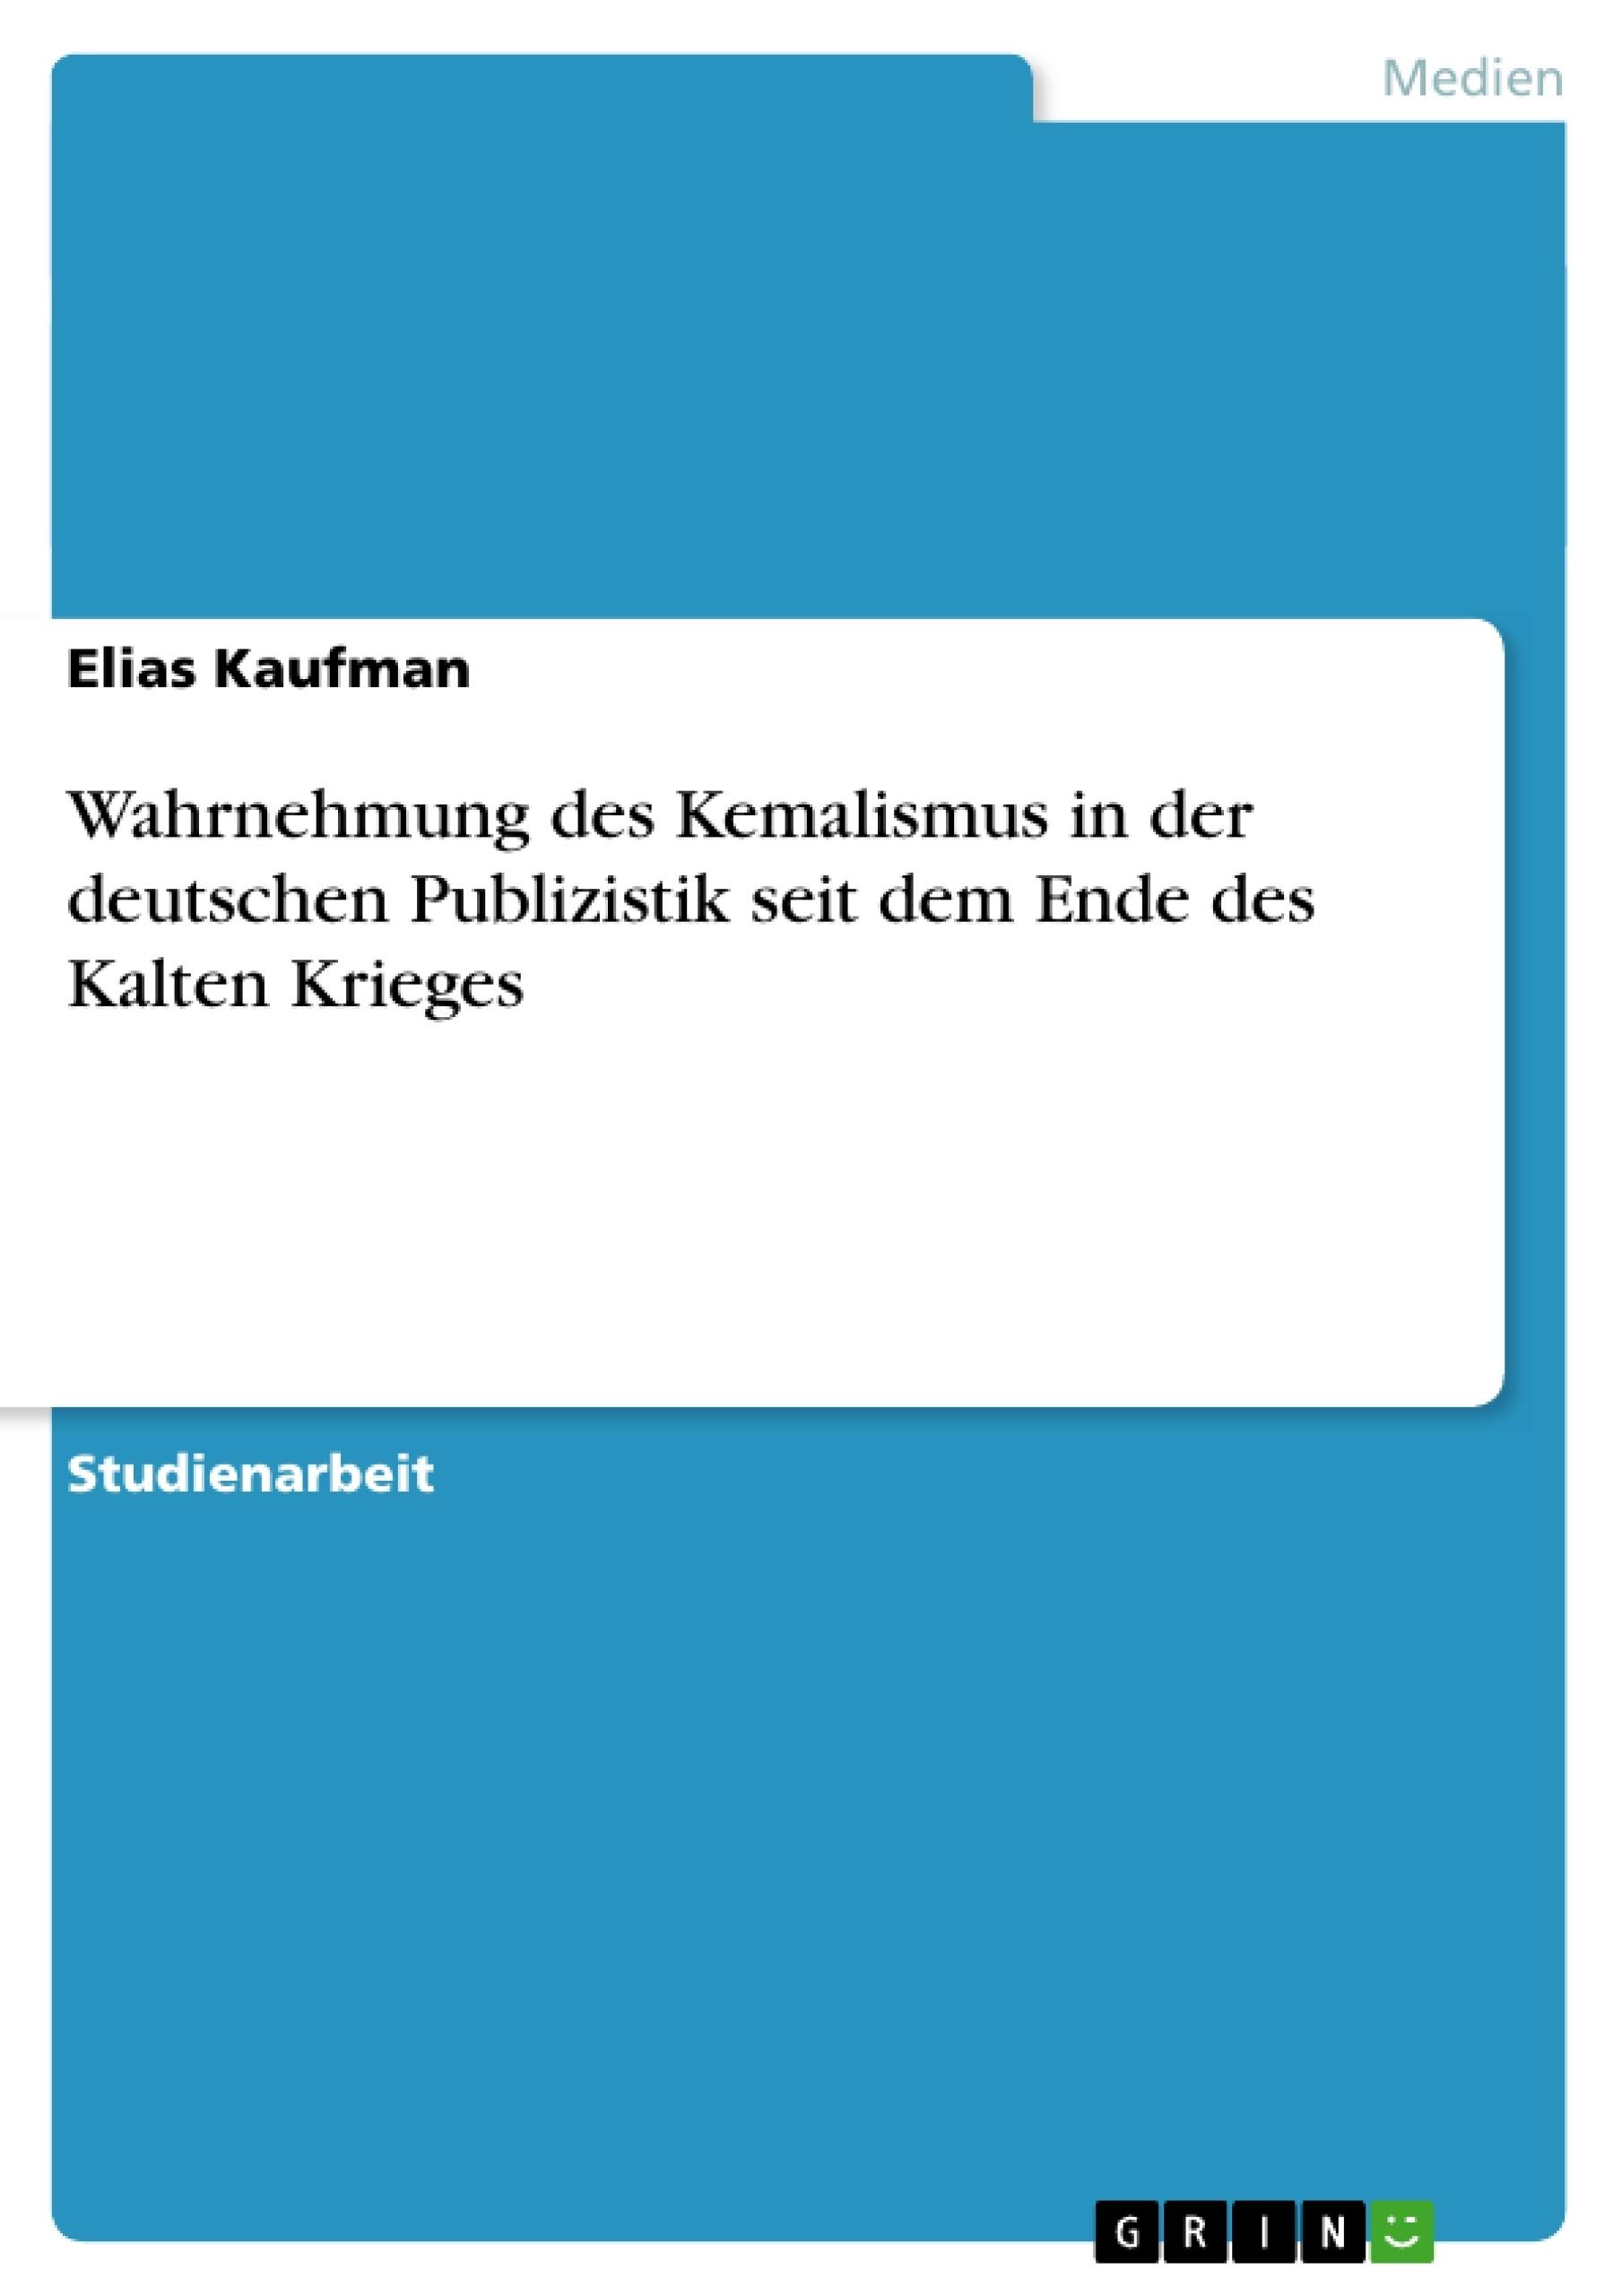 Titel: Wahrnehmung des Kemalismus in der deutschen Publizistik seit dem Ende des Kalten Krieges